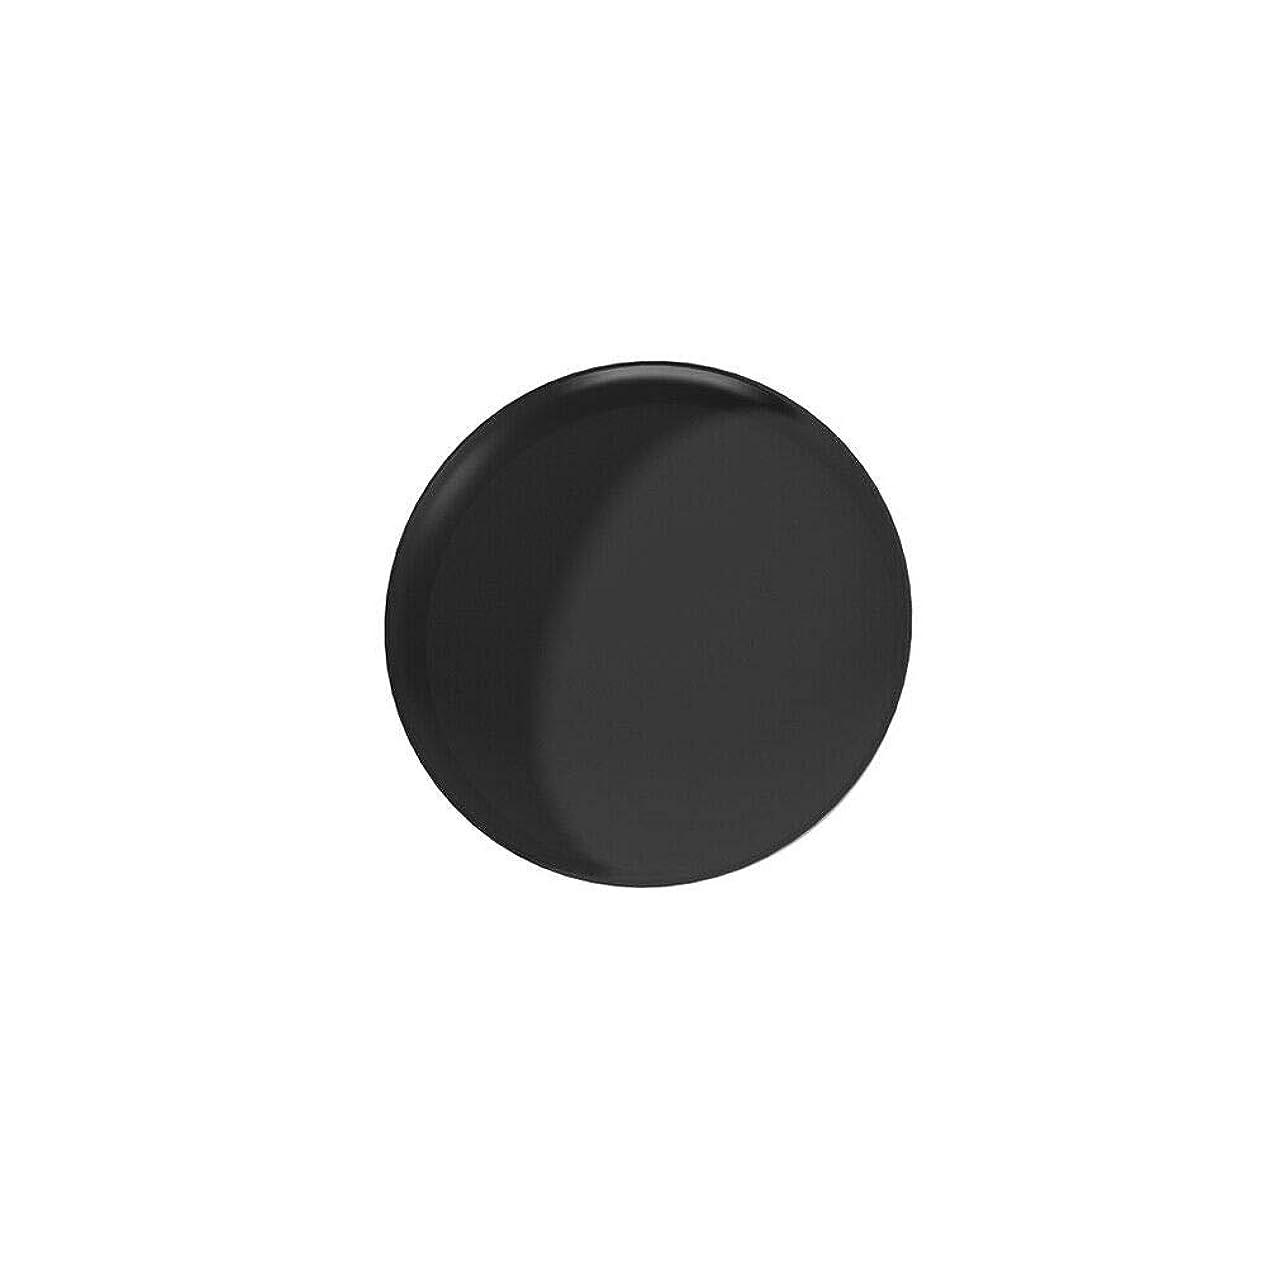 小川世辞成人期Hzjundasi DJI Osmo Action用 レンズ保護 キャップ ソフト 防塵 傷防止 衝撃吸収 保護カバー シリコン製 レンズキャップ アクセサリー(ブラック)